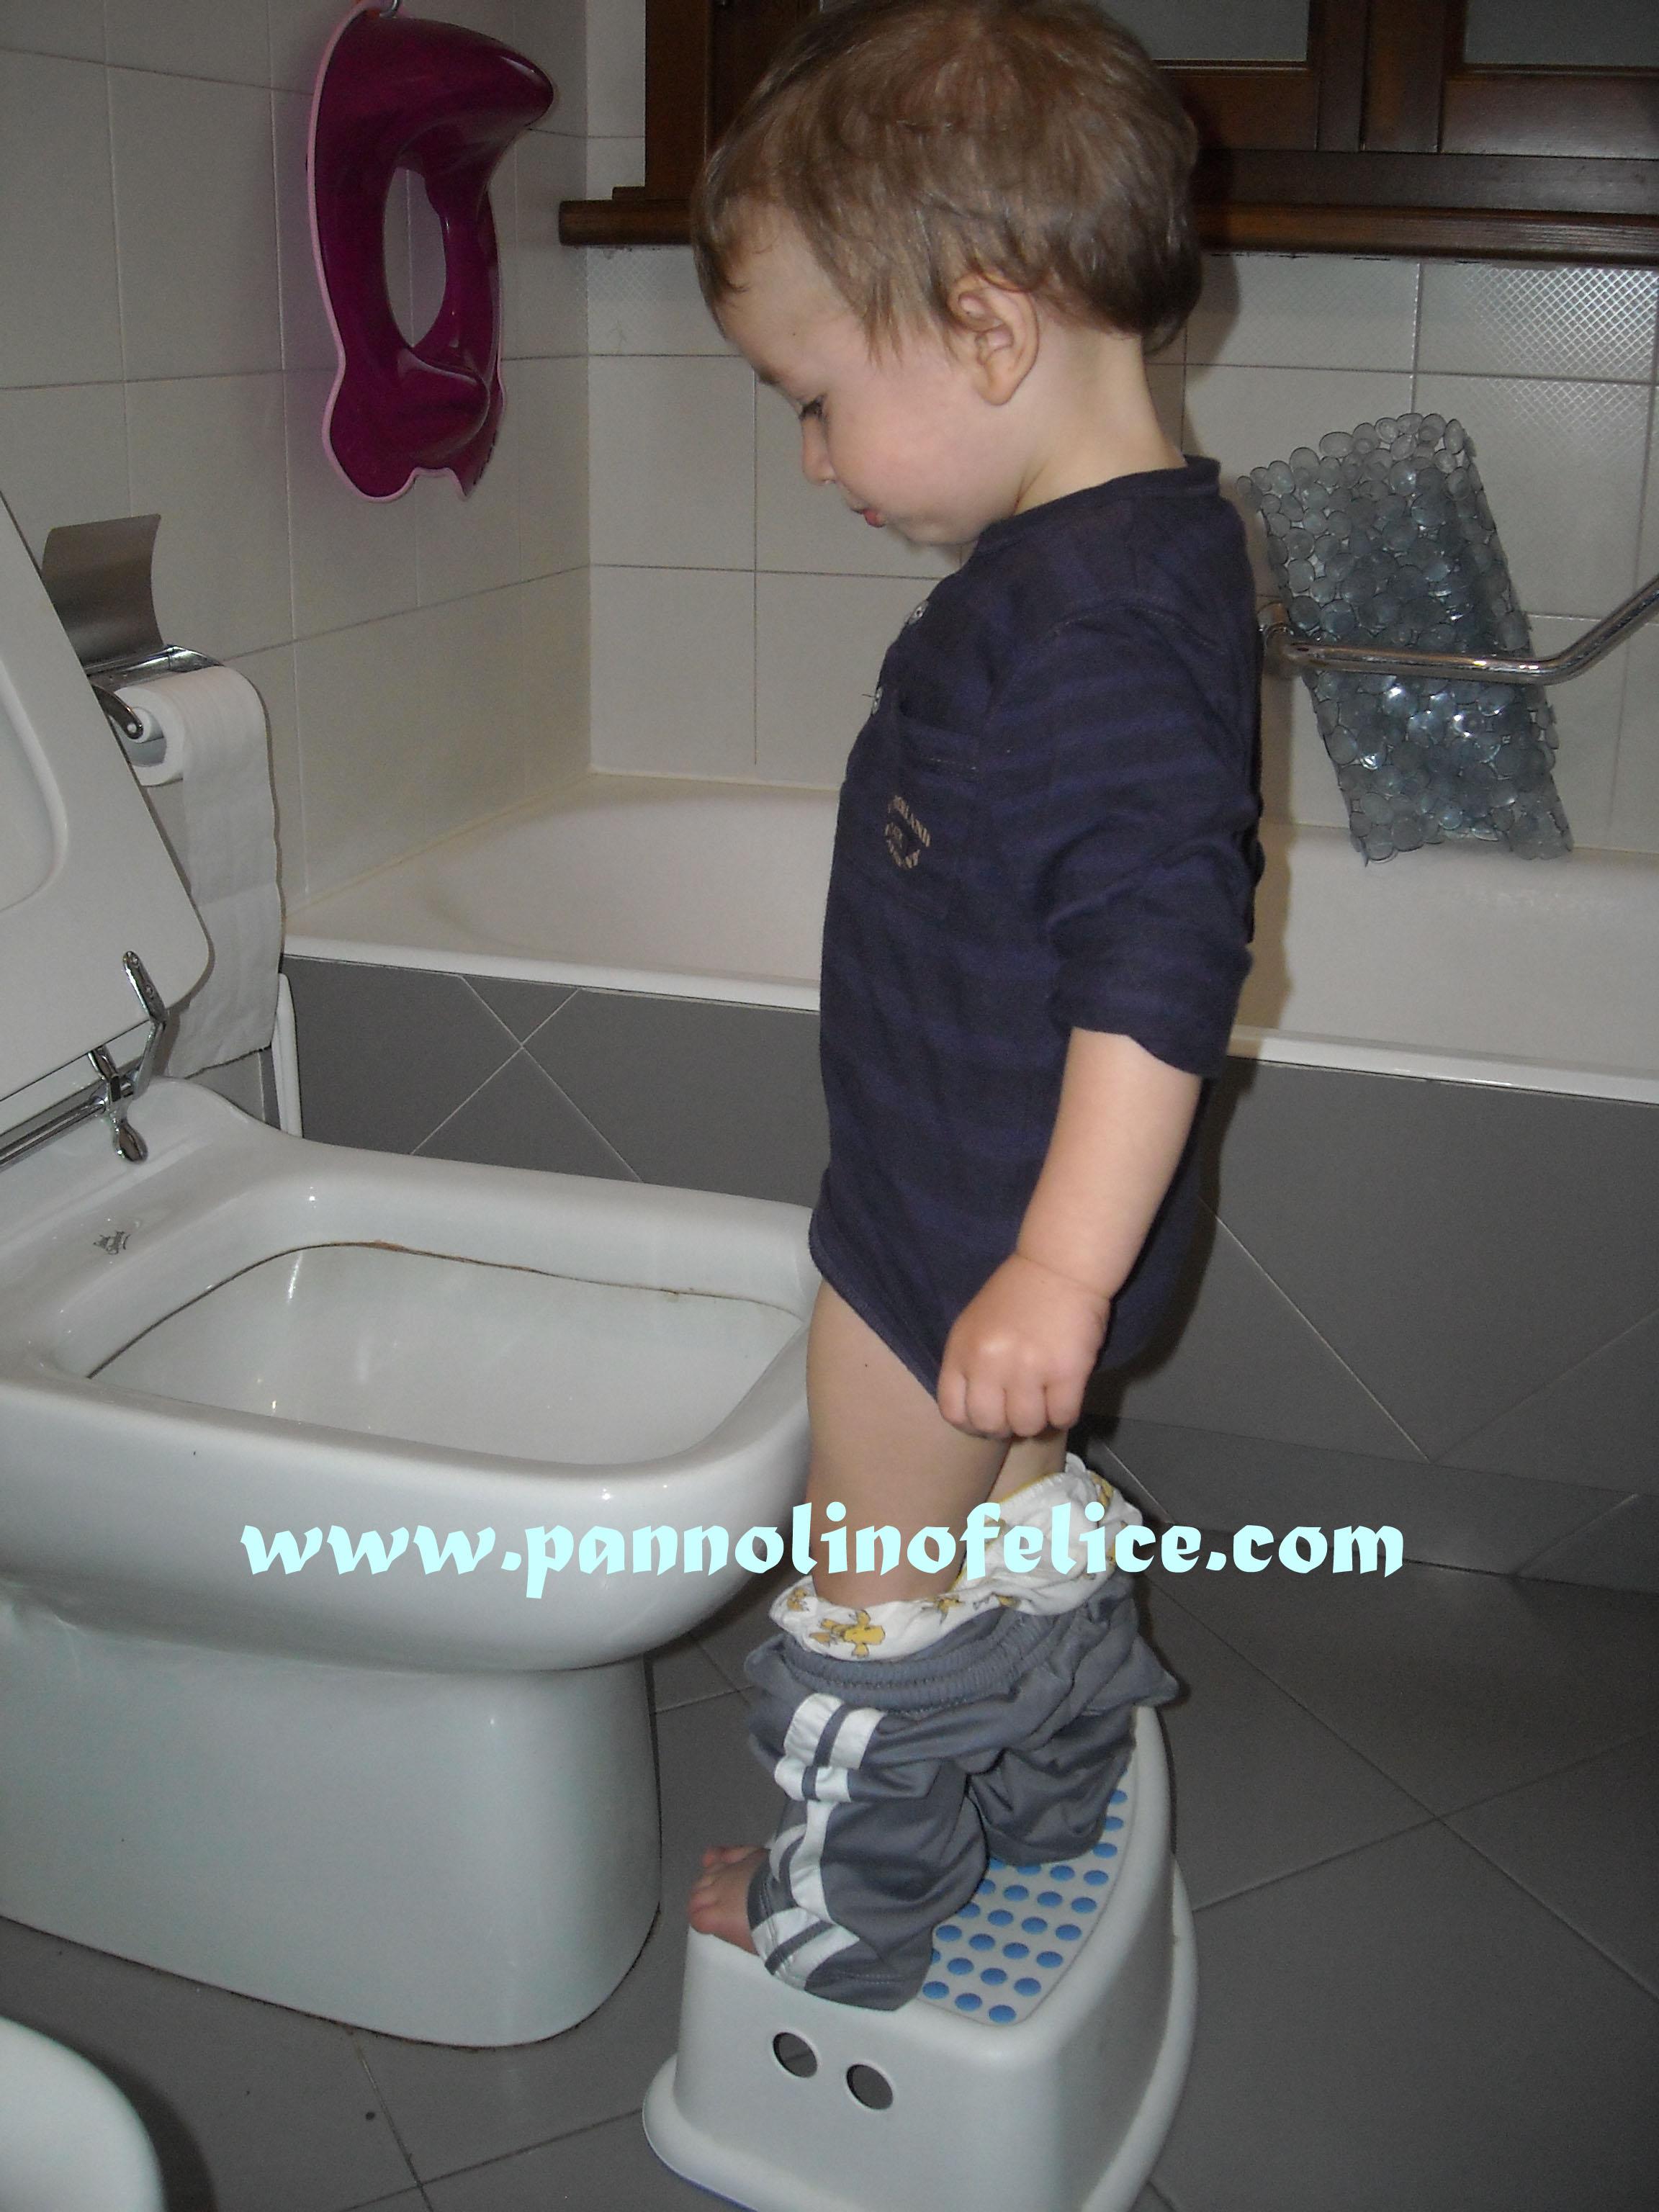 La mia esperienza pannolinofelice - Andare spesso in bagno a fare pipi ...